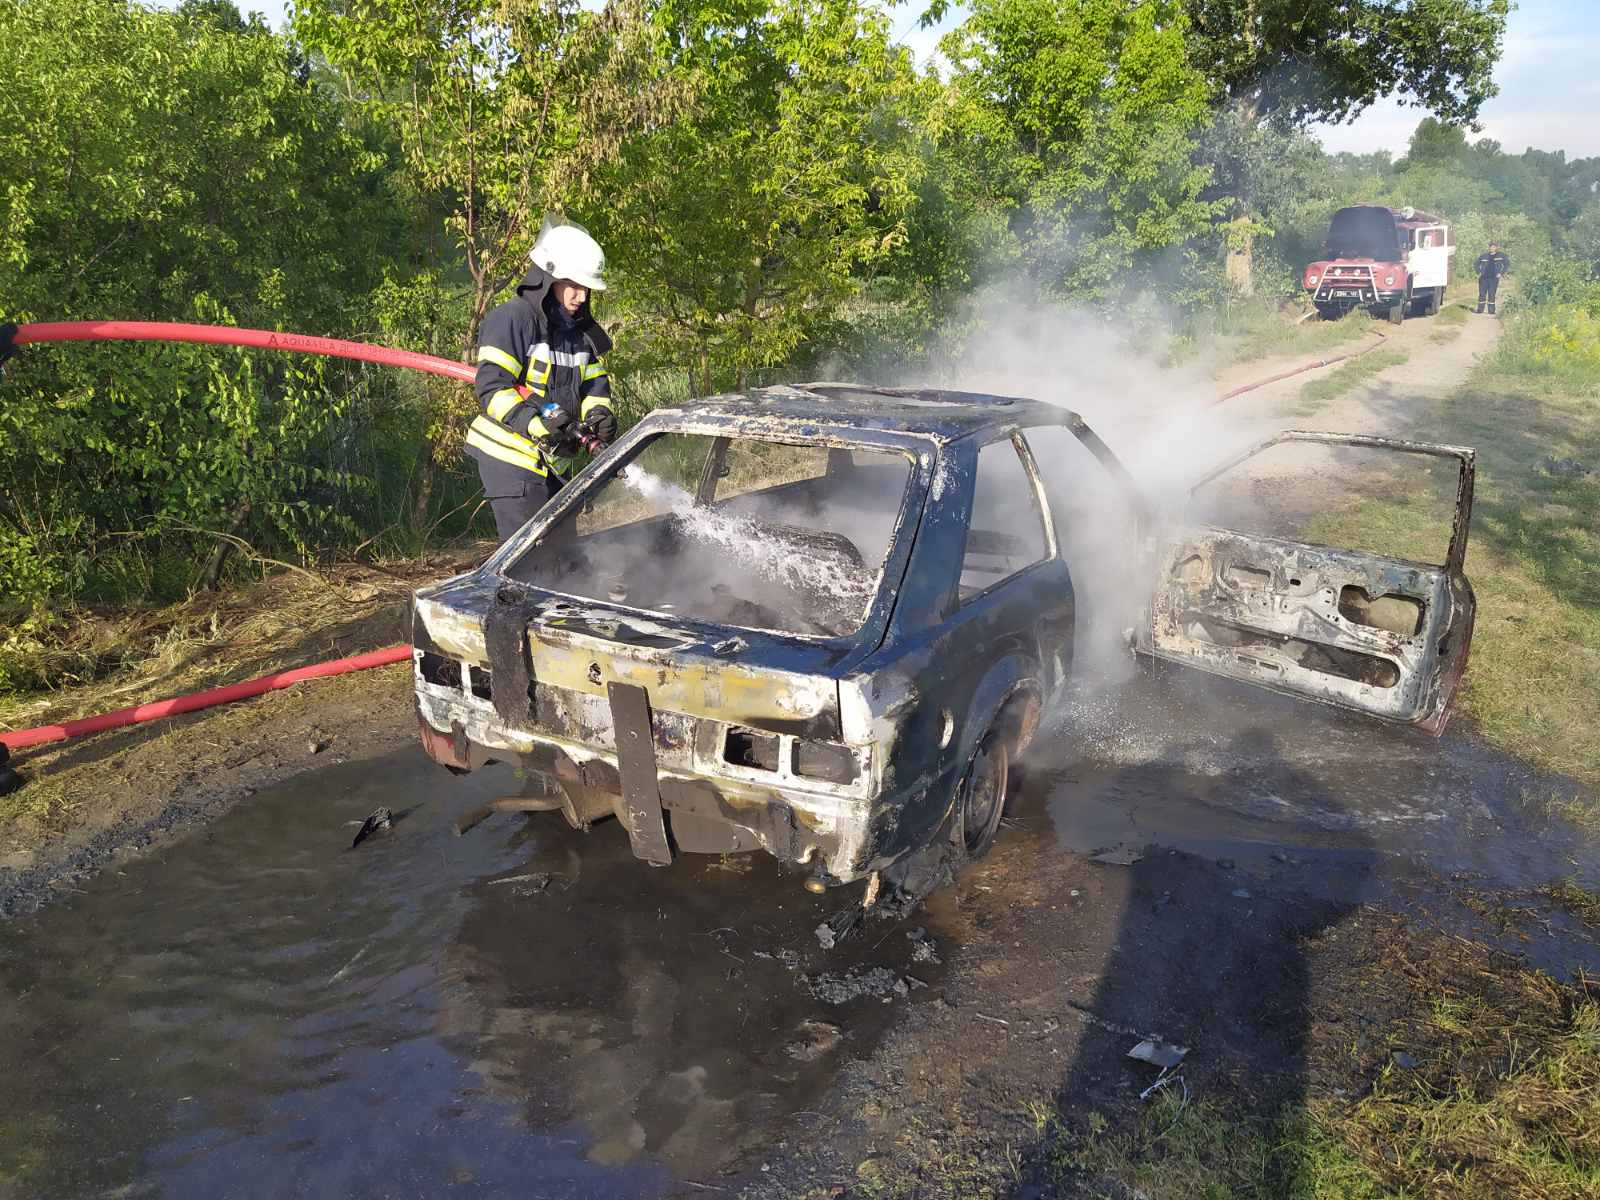 У Яготинському районі при загадкових обставинах горіло дві машини - пожежа, підпал - 05 pozhar2